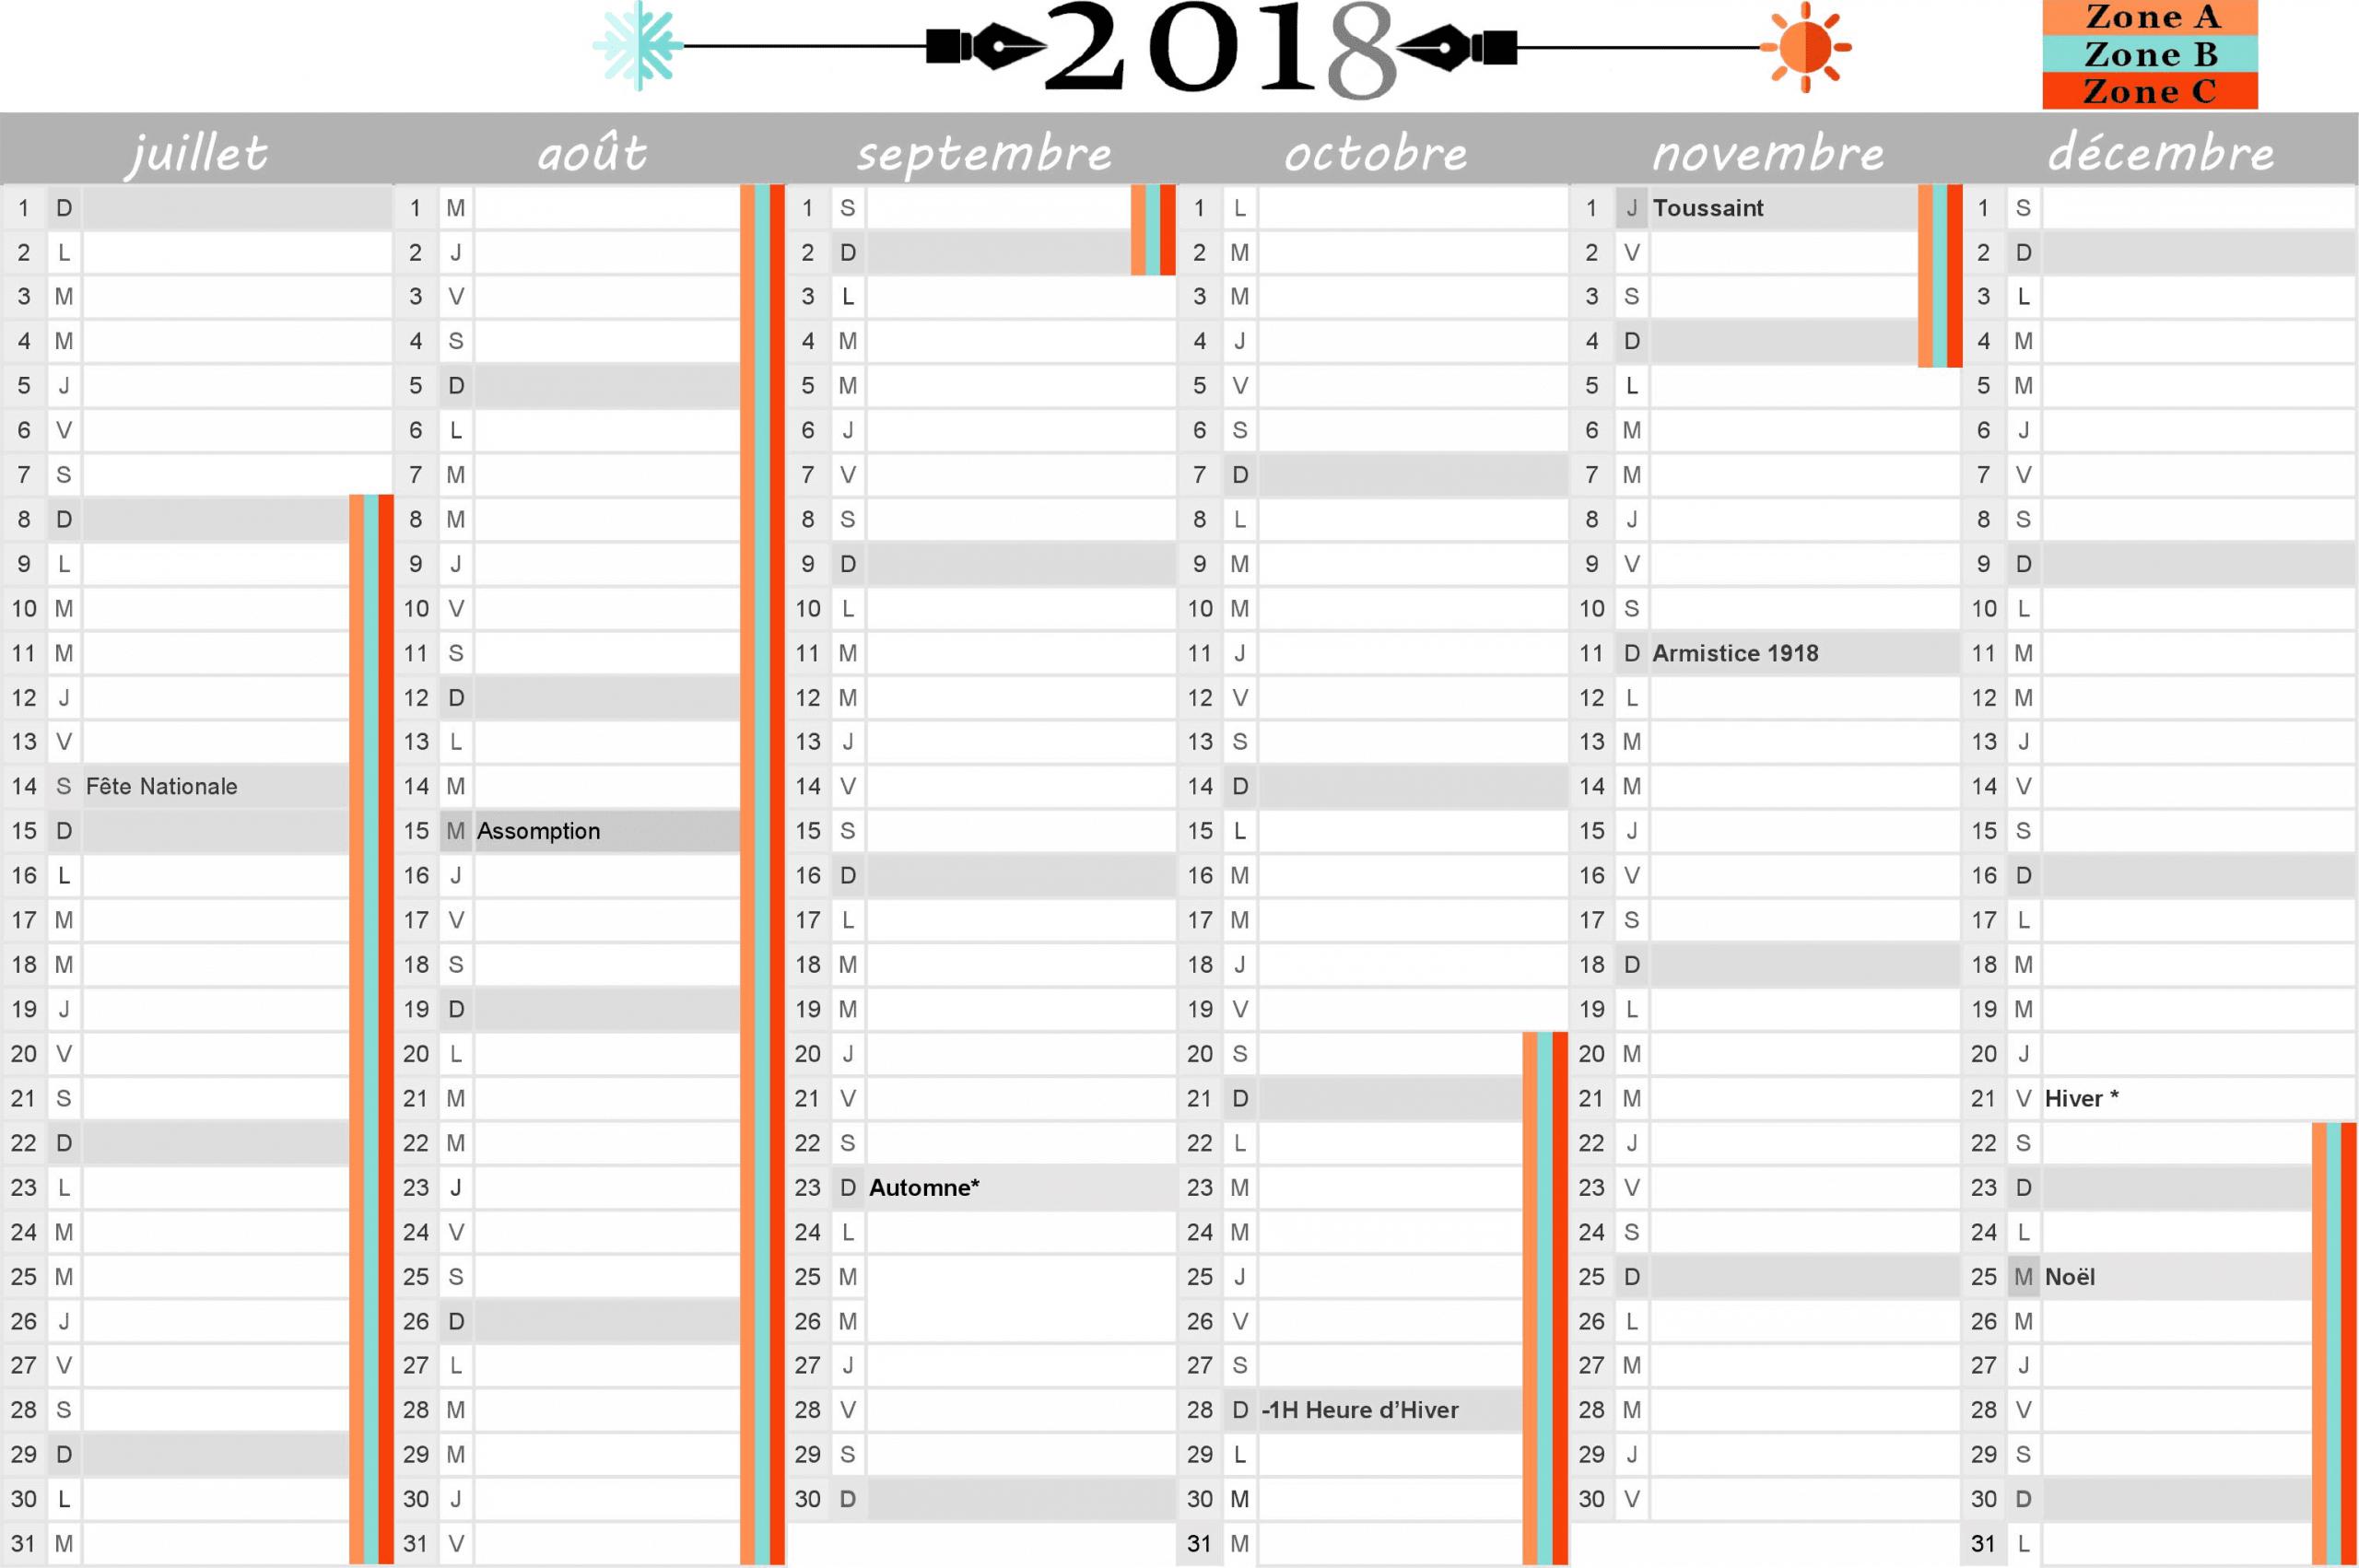 Calendrier 2018 : Vacances Scolaires Et Jours Fériés Inclus avec Calendrier 2Ème Semestre 2018